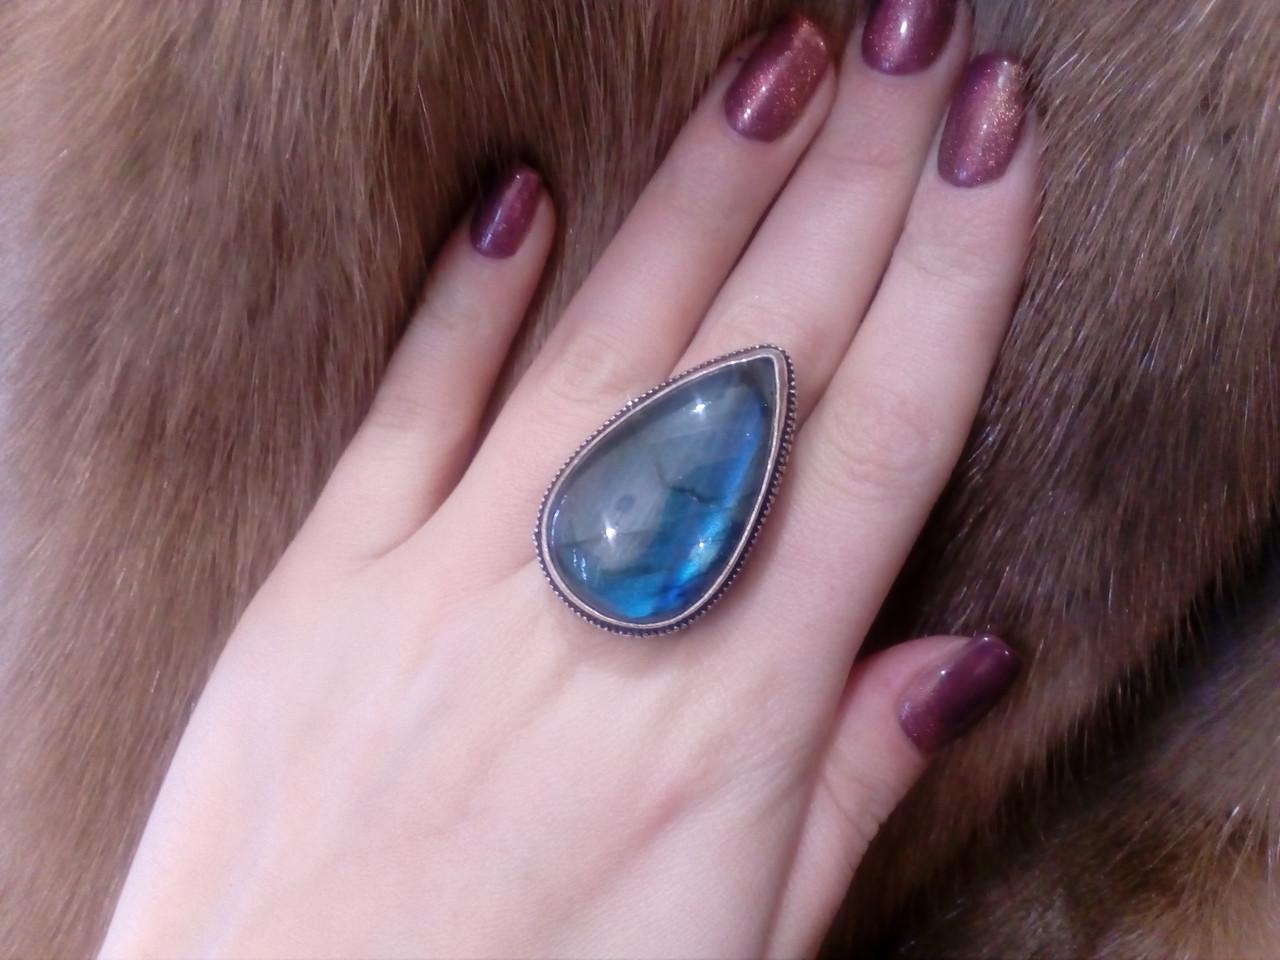 Красивое кольцо капля лабрадор в серебре 19,5 размер. Кольцо с лабрадором Индия